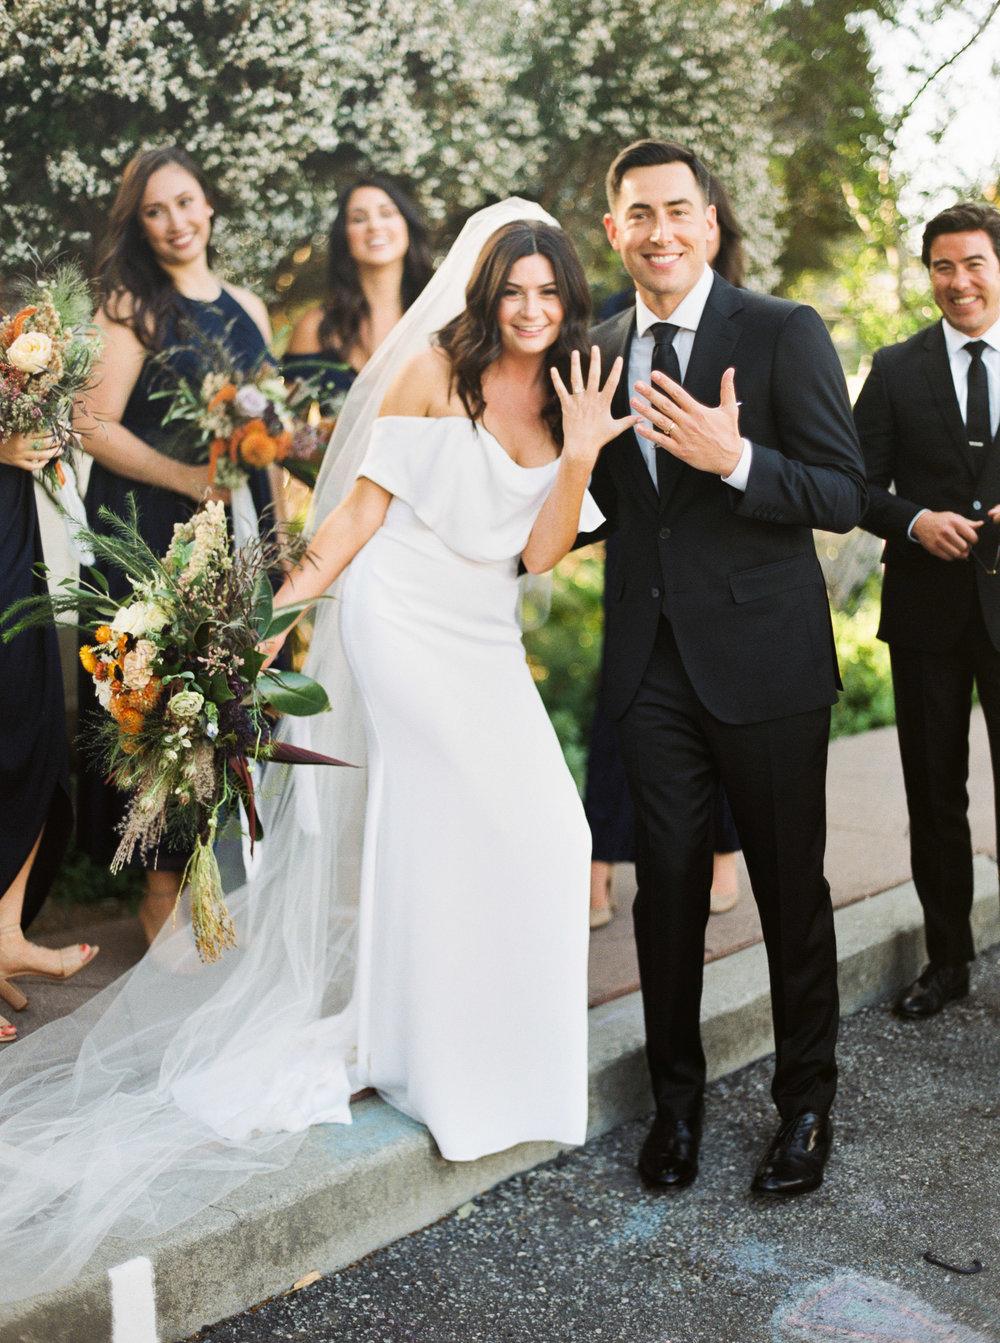 065carmel_california_destination_wedding_photography_wedding_videography_mission_ranch.jpg